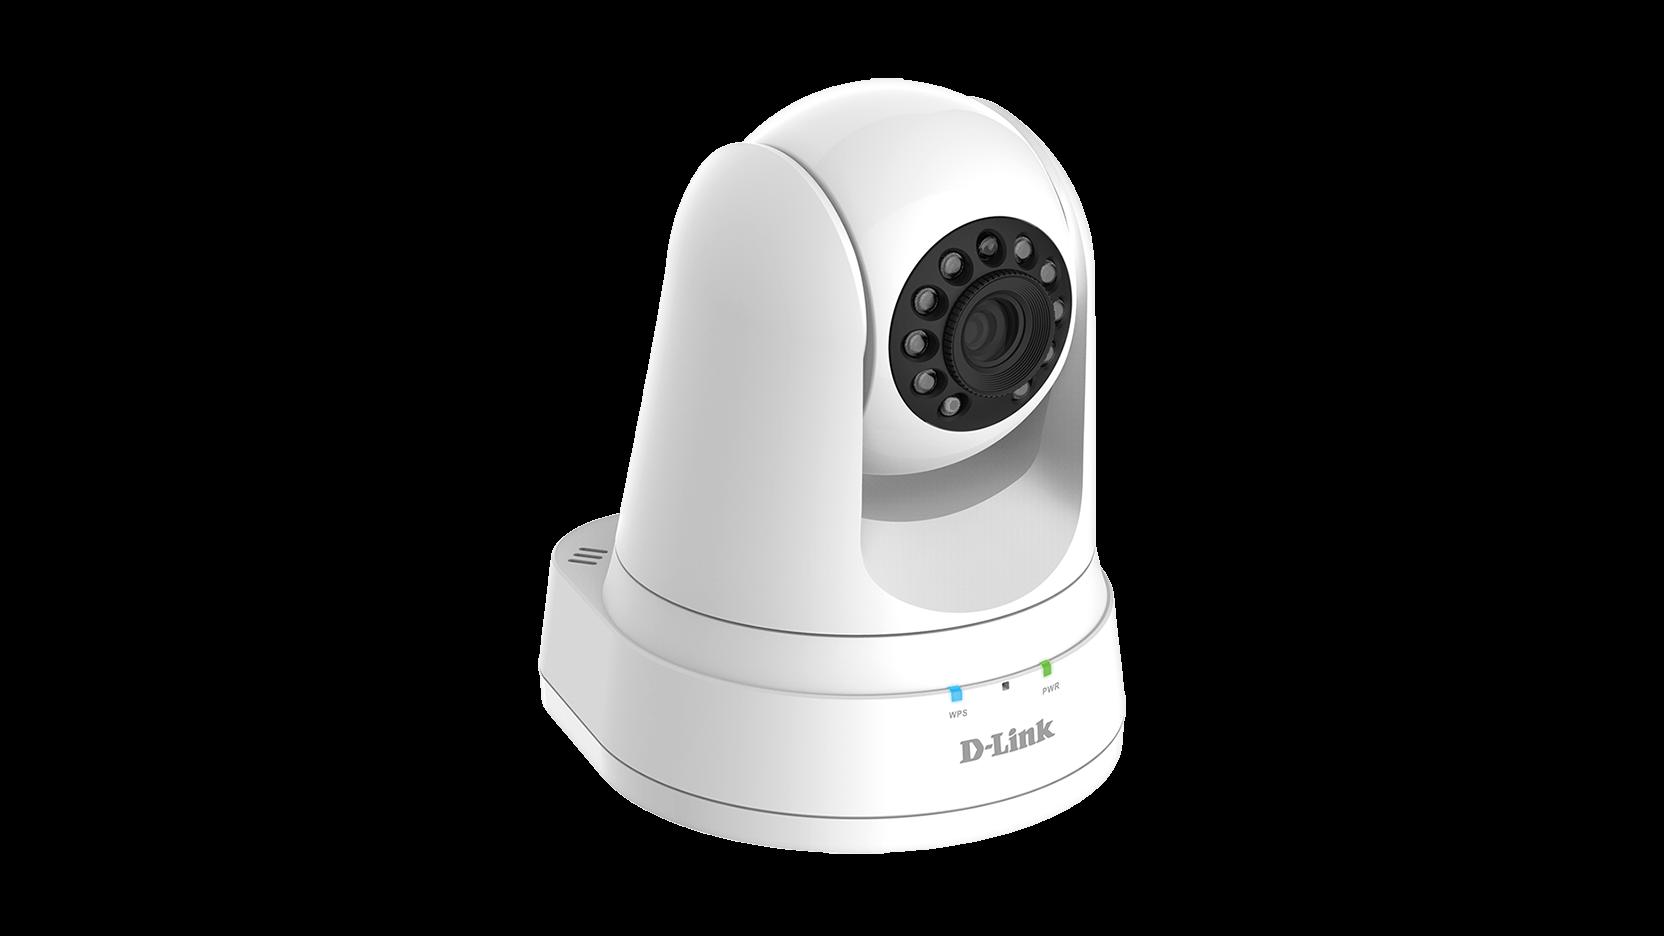 C mara vigilancia cctv remota moviles d link espa a for Camara vigilancia autonoma